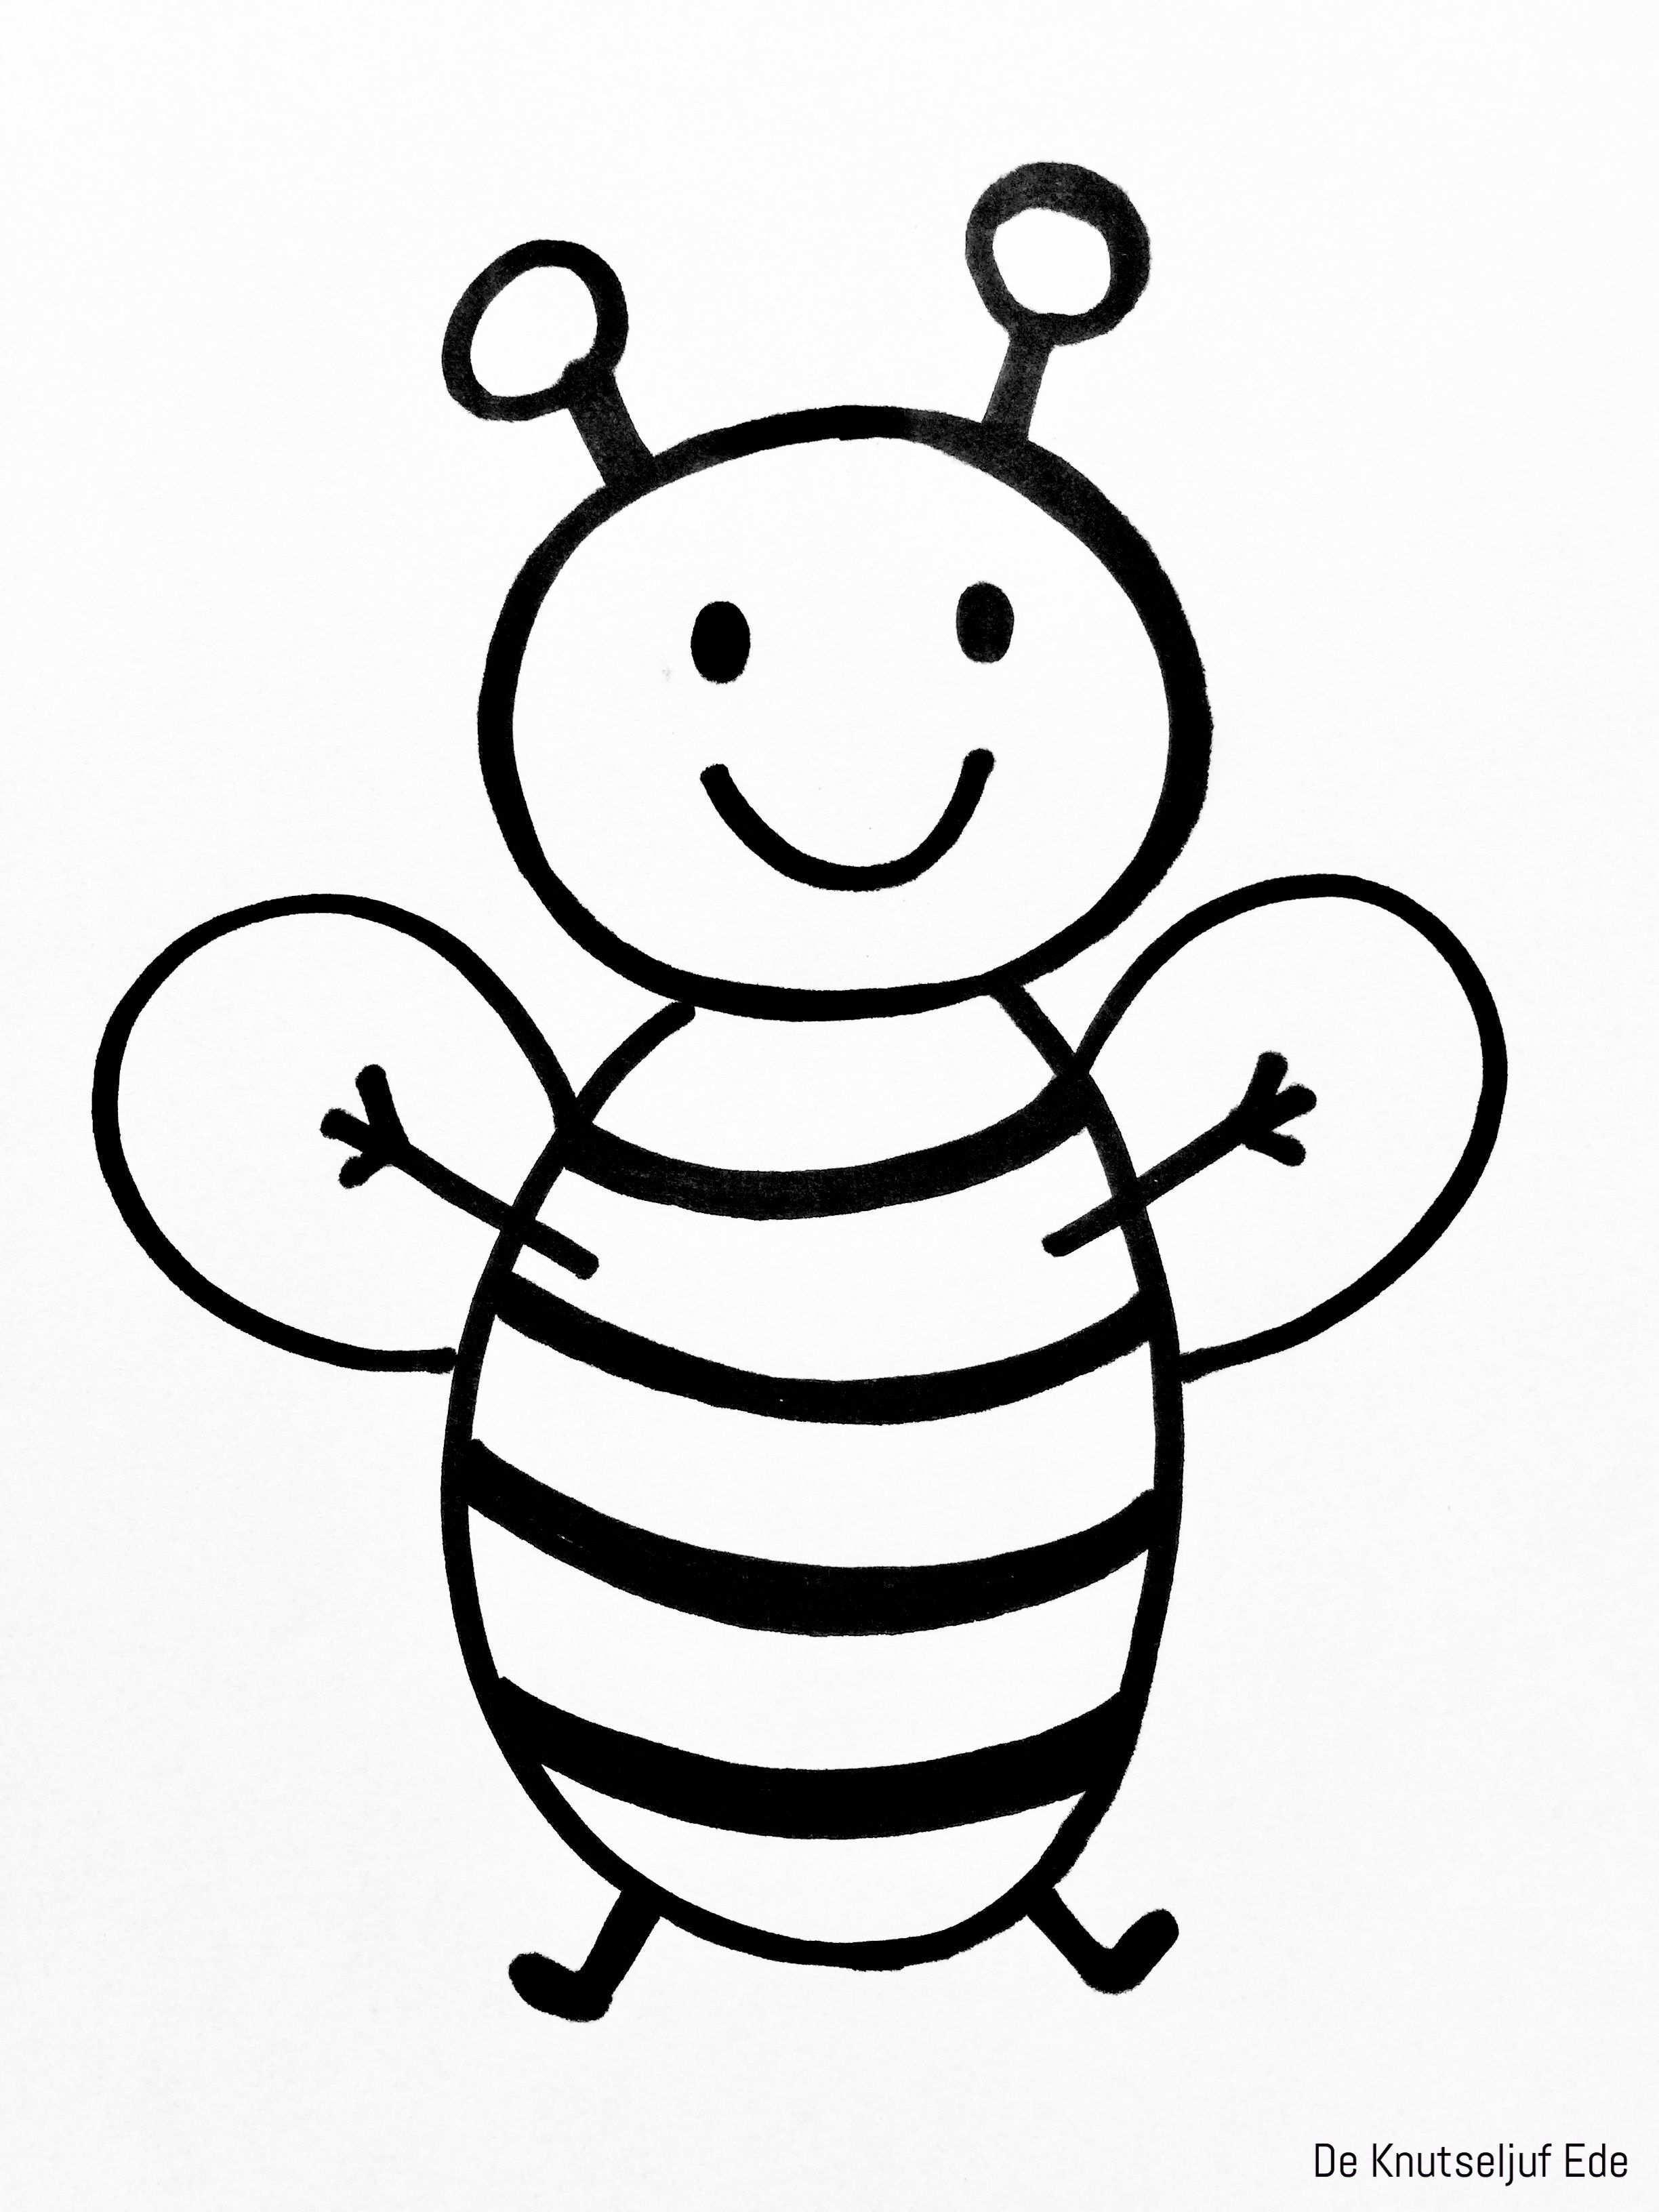 Kleurplaten Bijen Een Bijtje Voor Erbij Kleurplaten Knutselen Creatief Kleurplaat De Knutseljuf Ede Bee Diy For Kids Color